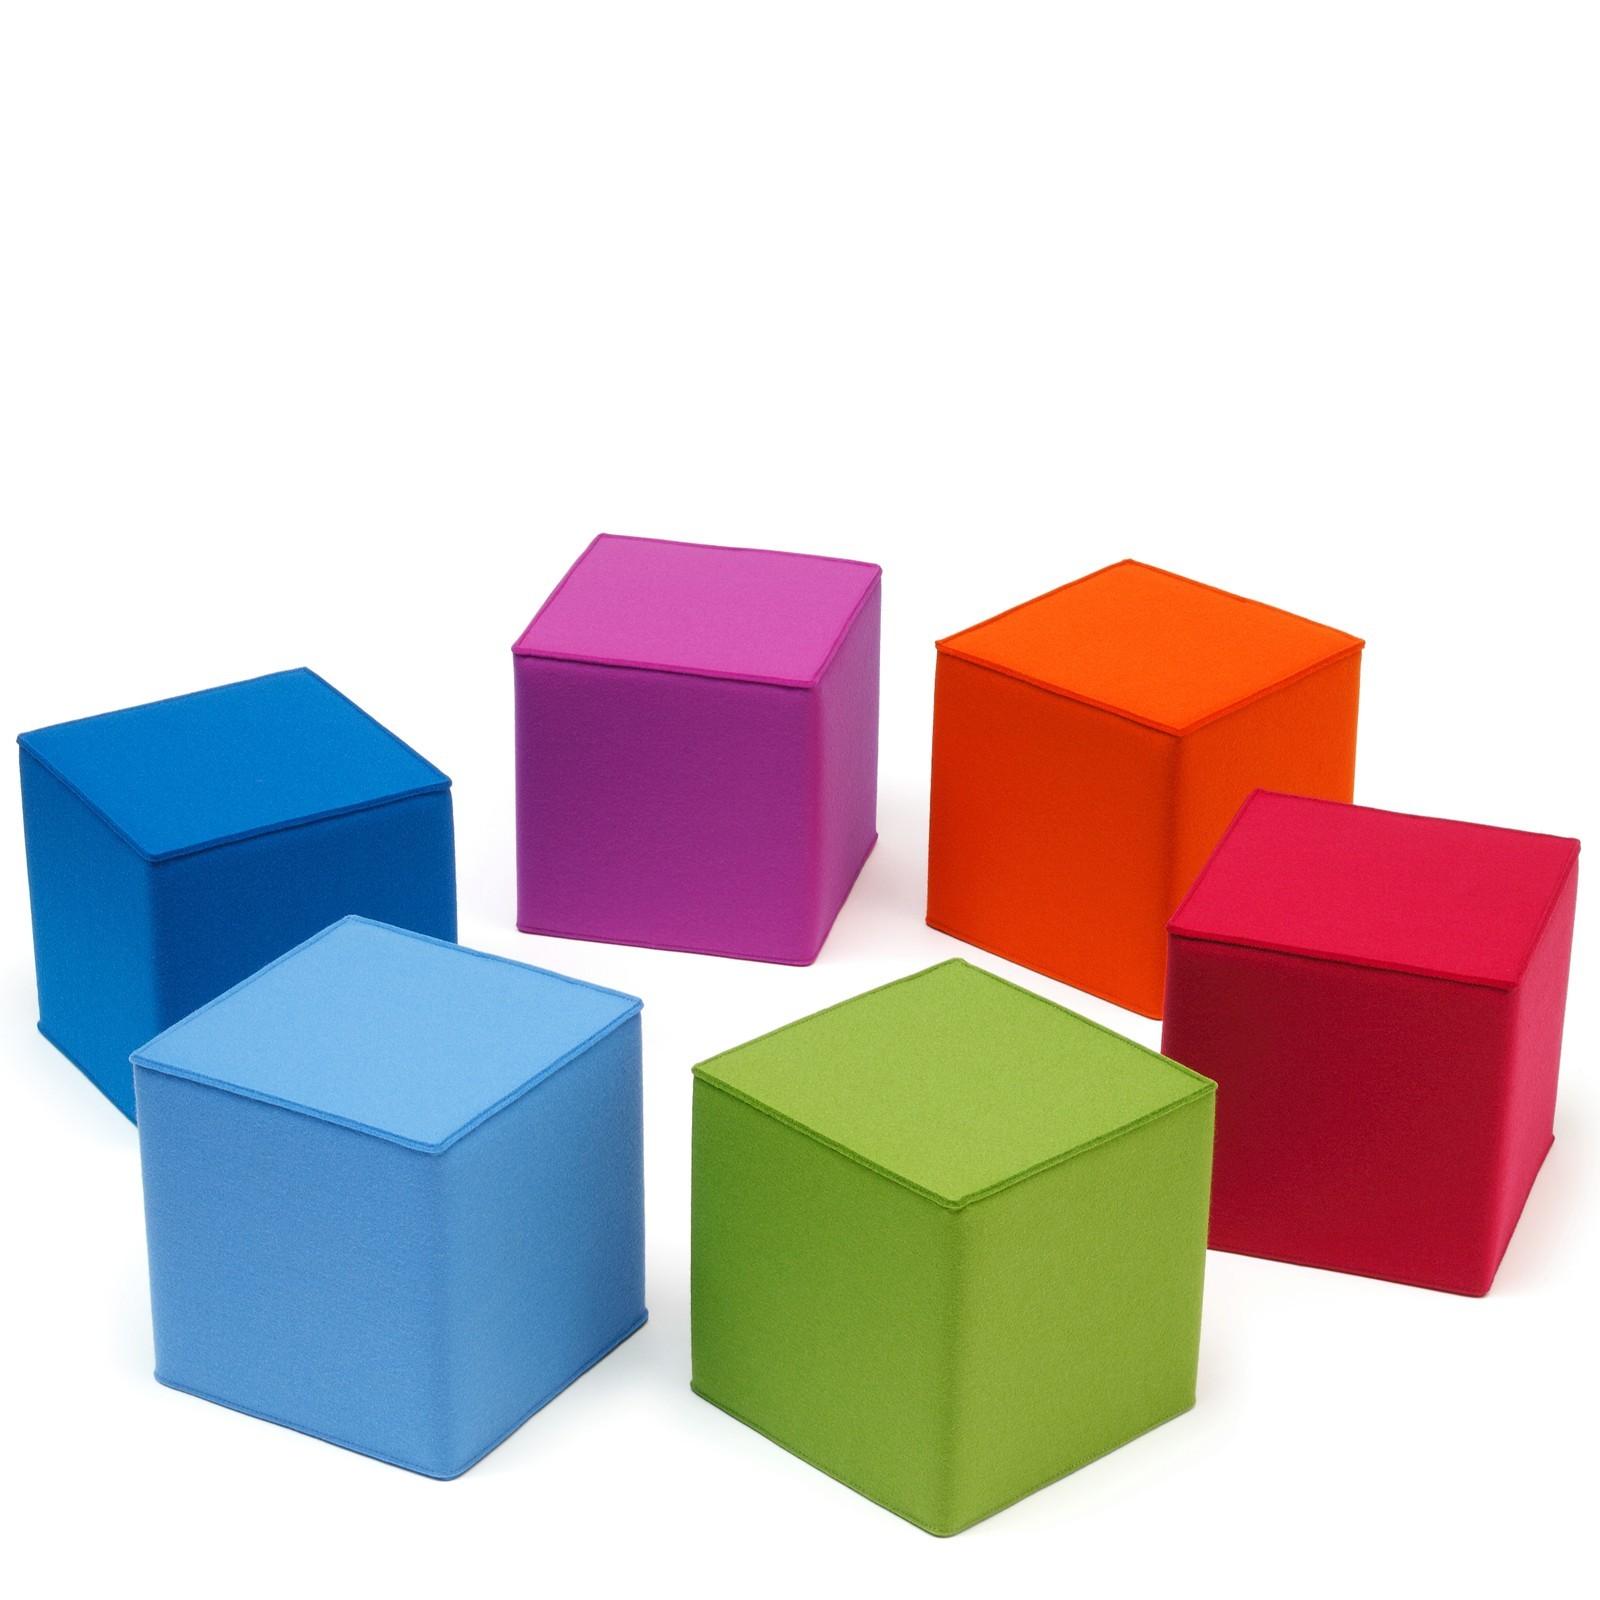 Kinder Sitzmbel quadratisch Filz viele Farben Hey Sign